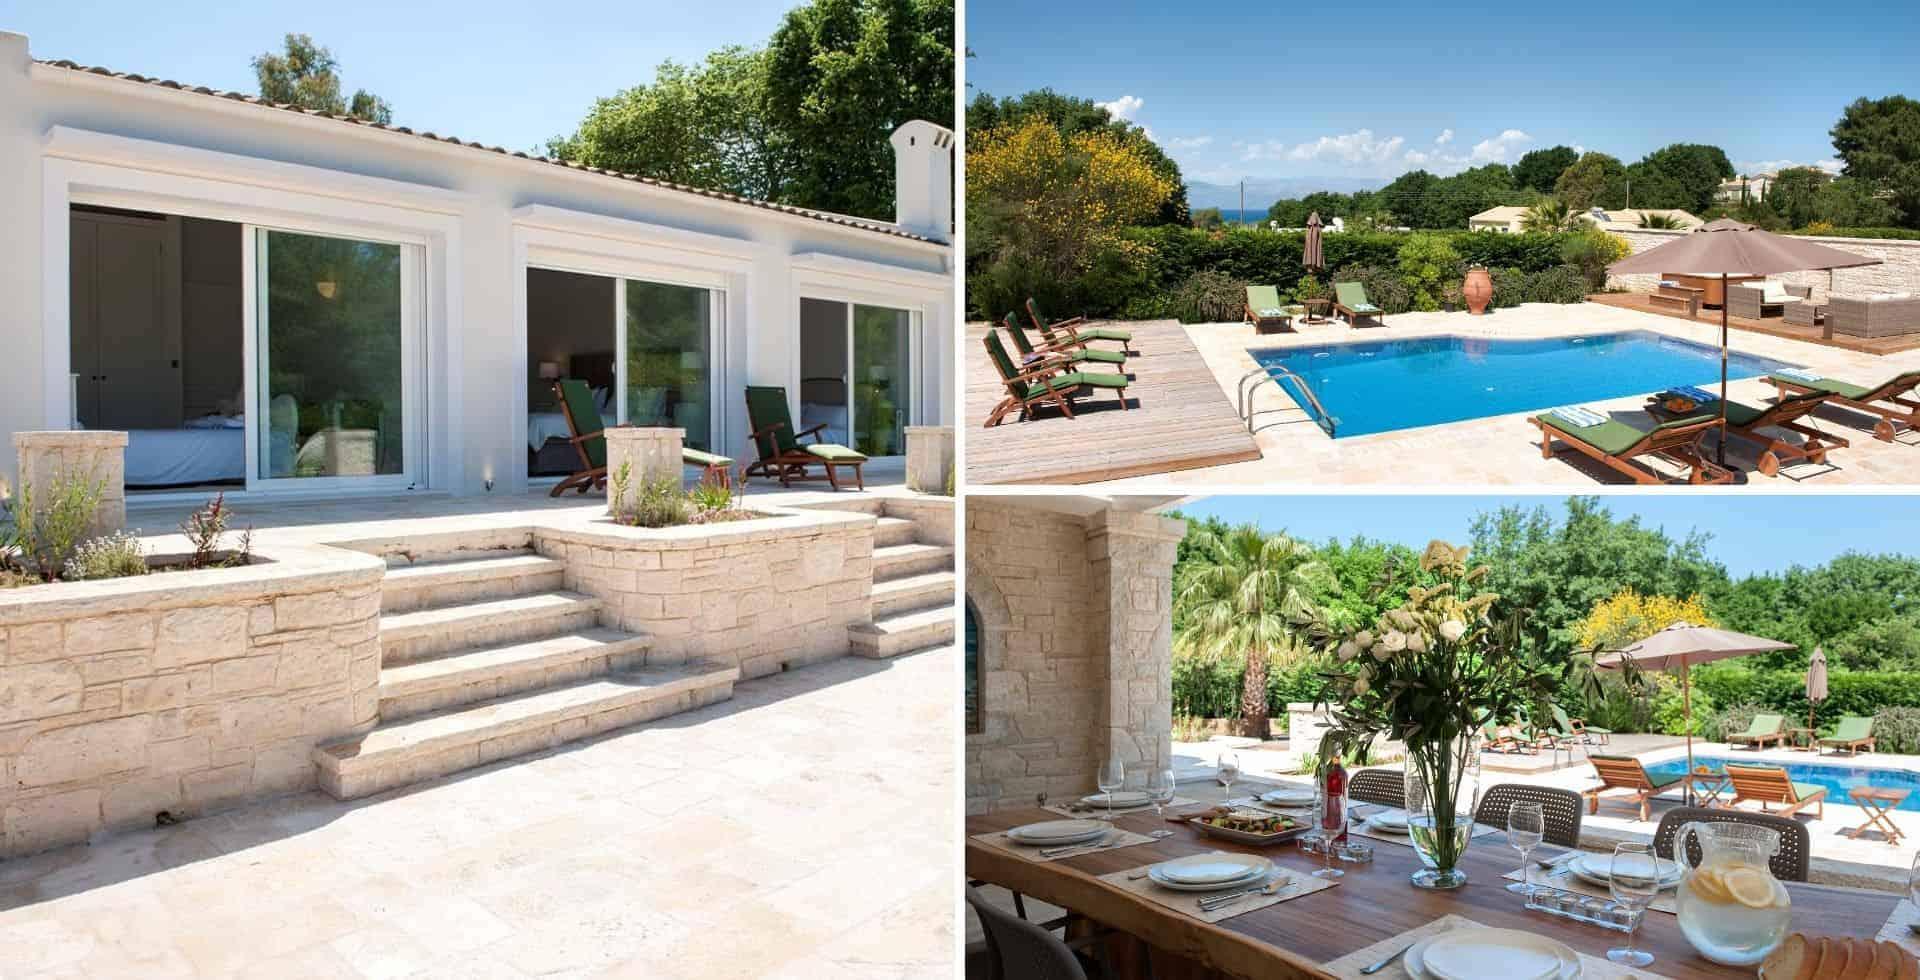 Esta compañía ofrece la posibilidad de trabajar desde una de sus residencias en Grecia con estadía gratis por un mes